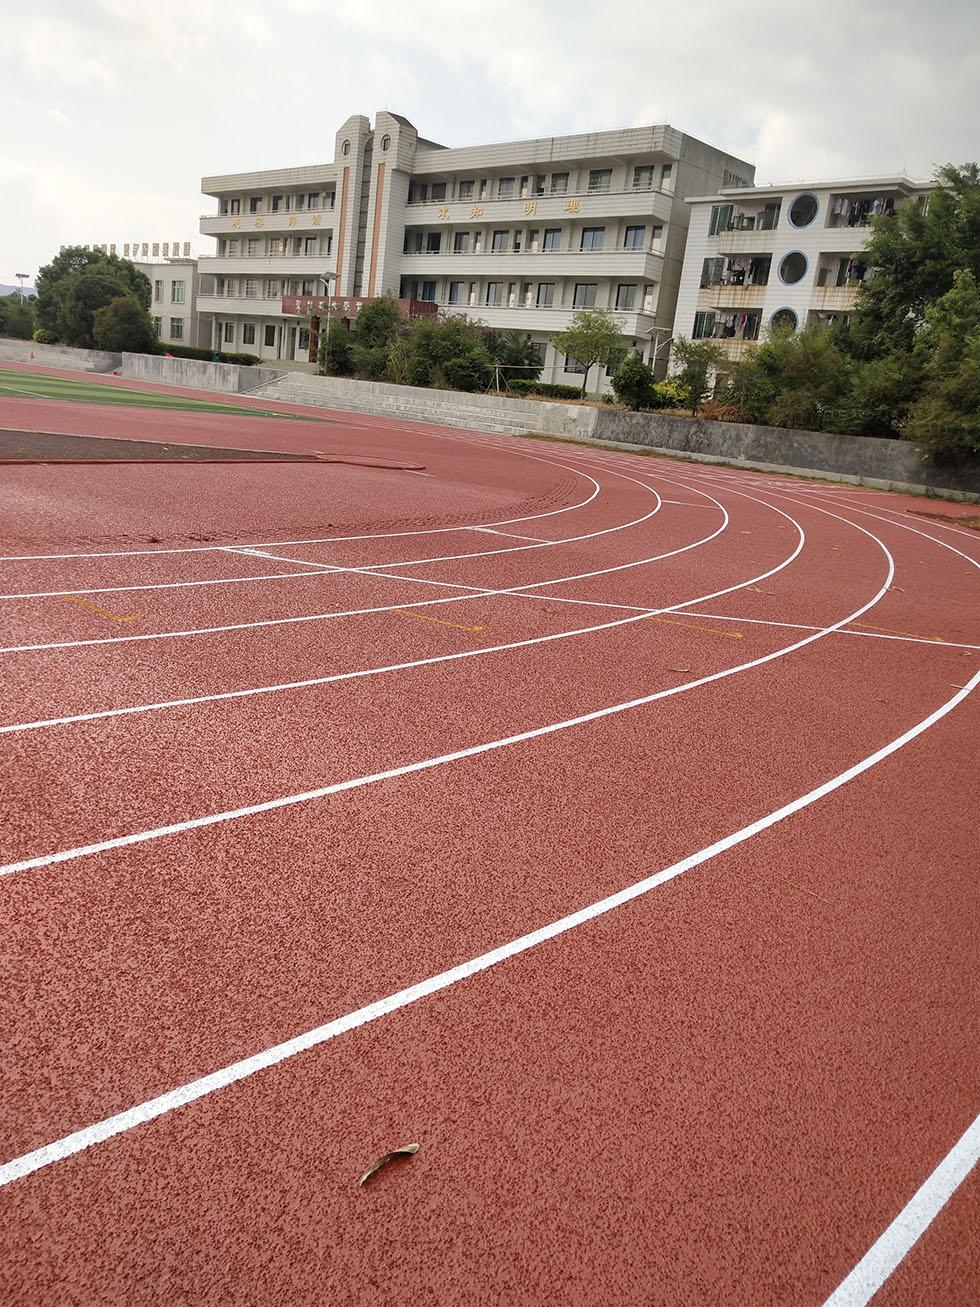 网球场地铺设专用丙烯酸材料